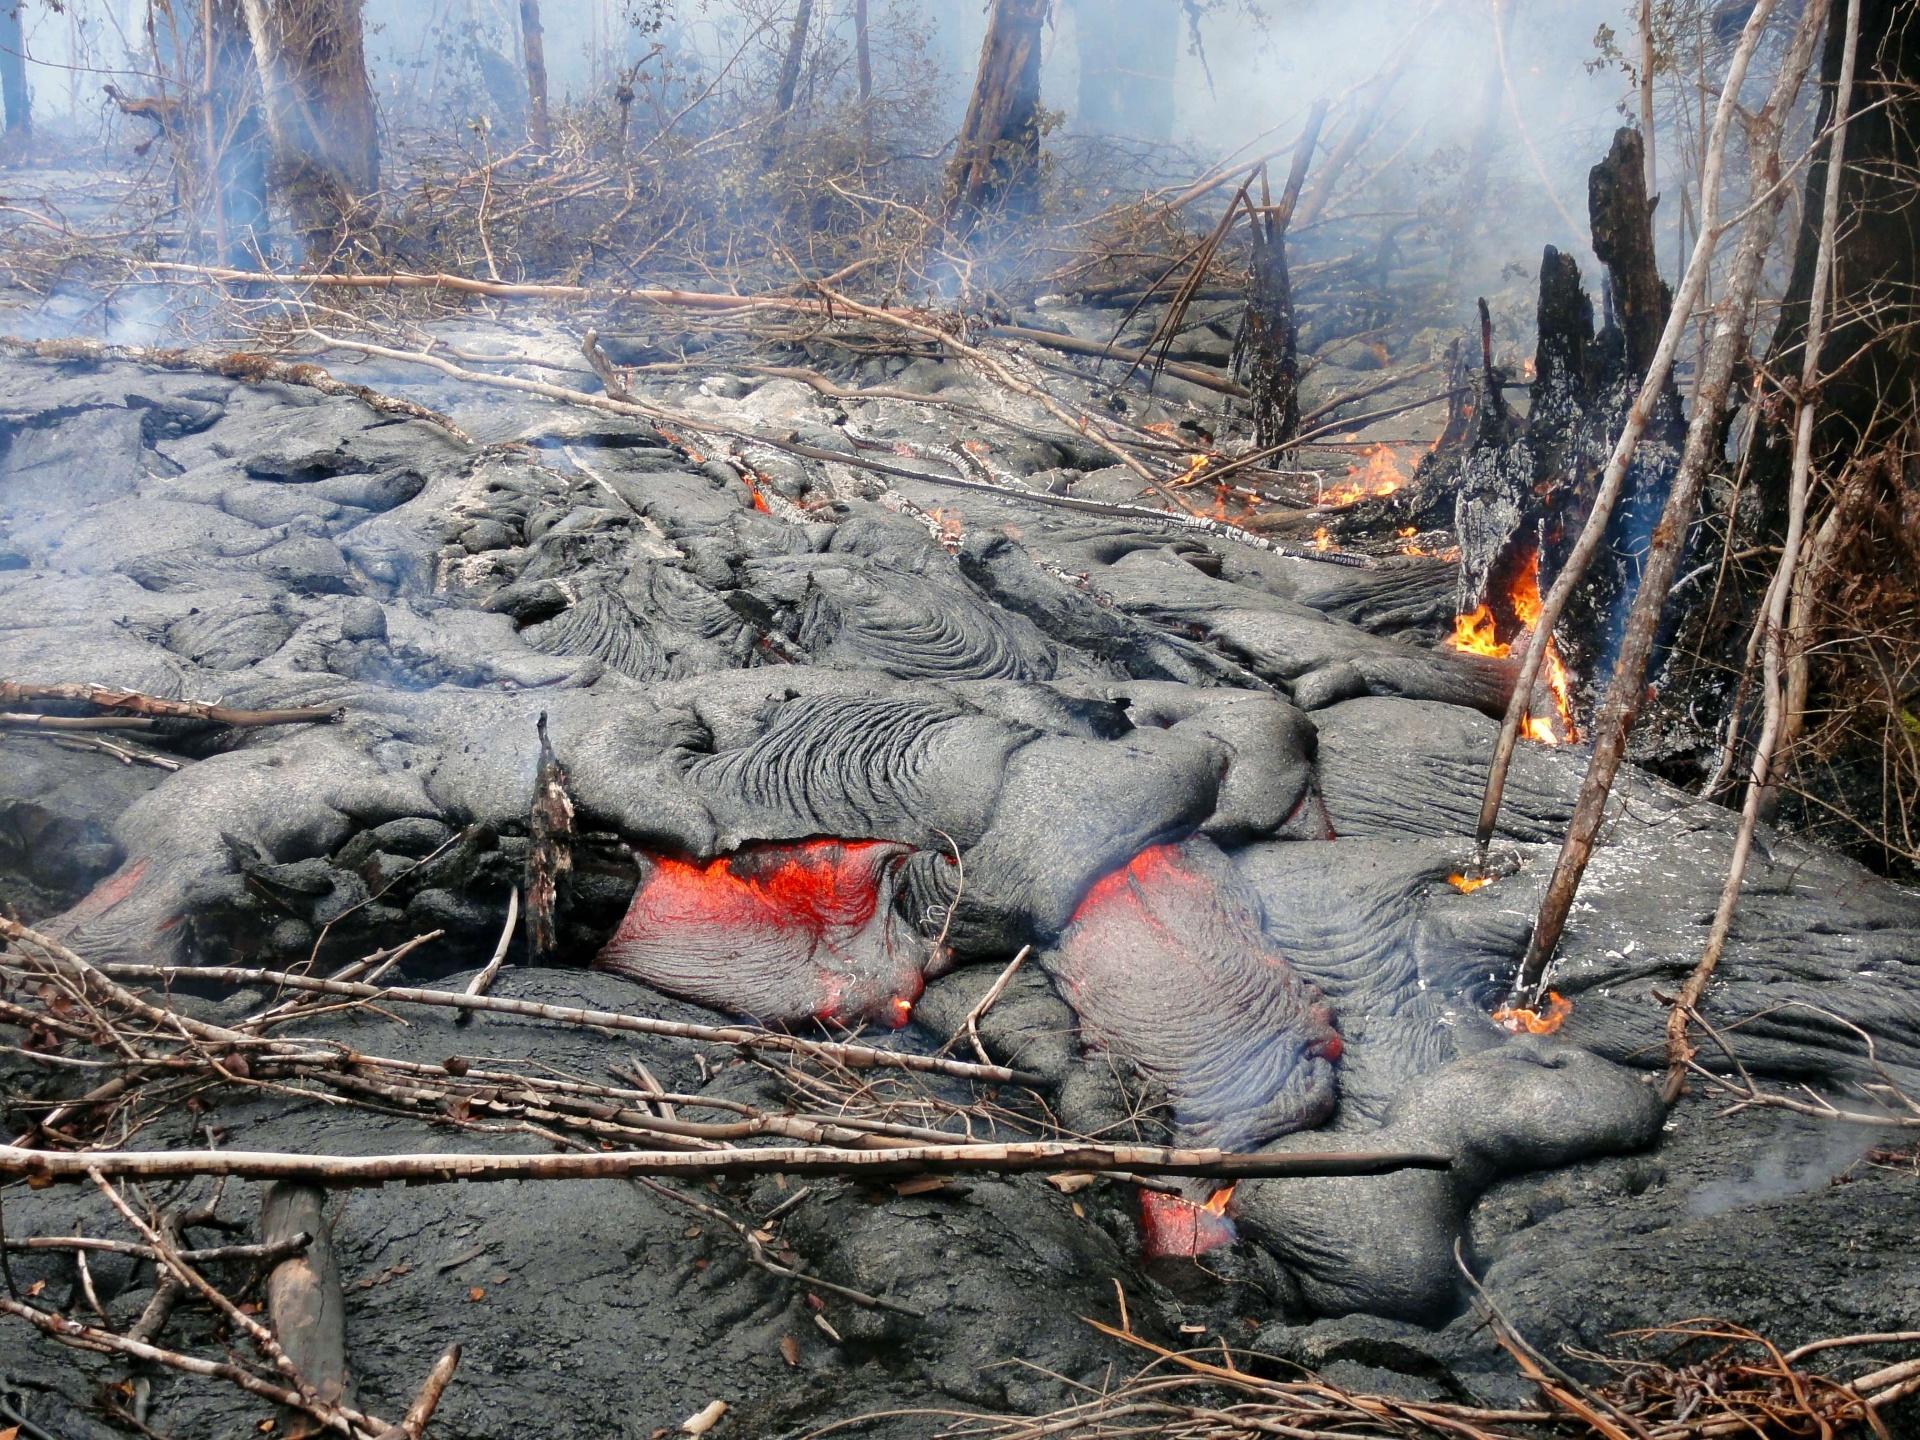 21.nov.2014 - Imagem aérea mostra enxurrada de lava do vulcão Kilauea, que destruiu áreas em Pahoa, no Havaí. Esses fluxos continuam em atividade, queimando a floresta. A imagem foi feita pelo US Geological Survey